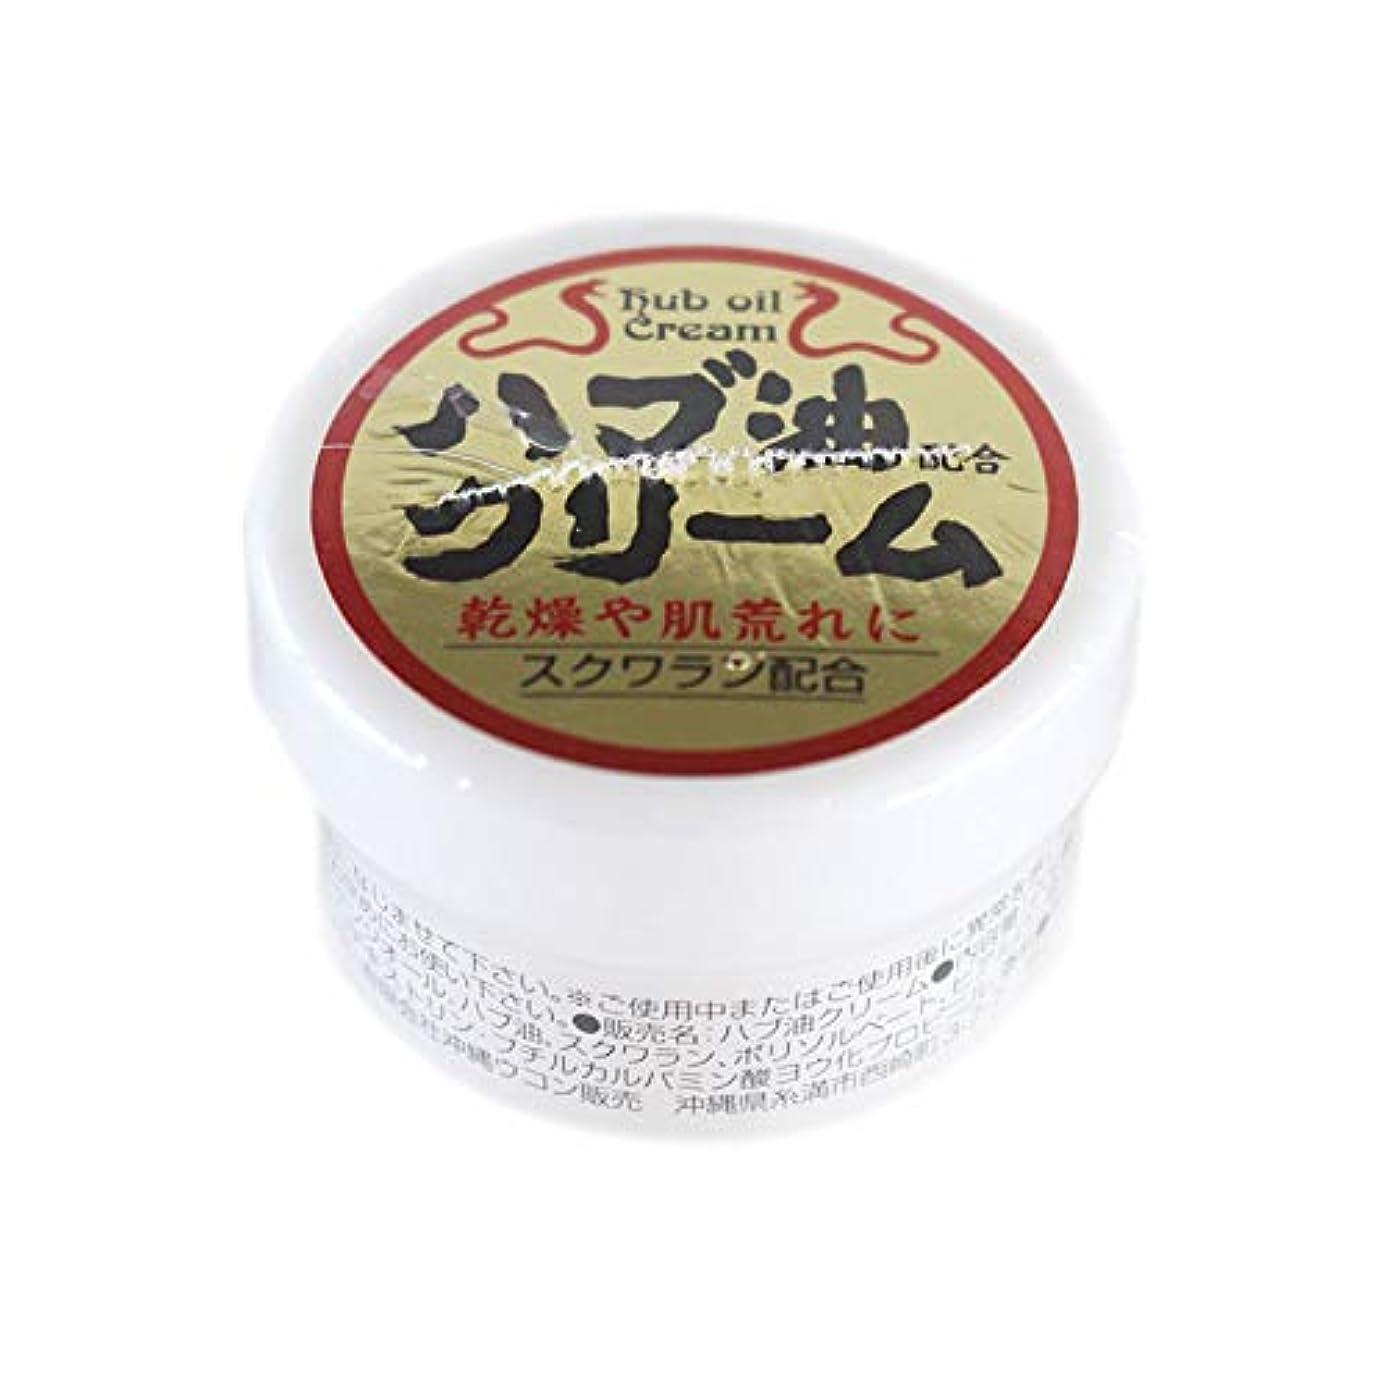 者ドメイン整理するハブ油配合クリーム 3個【1個?20g】